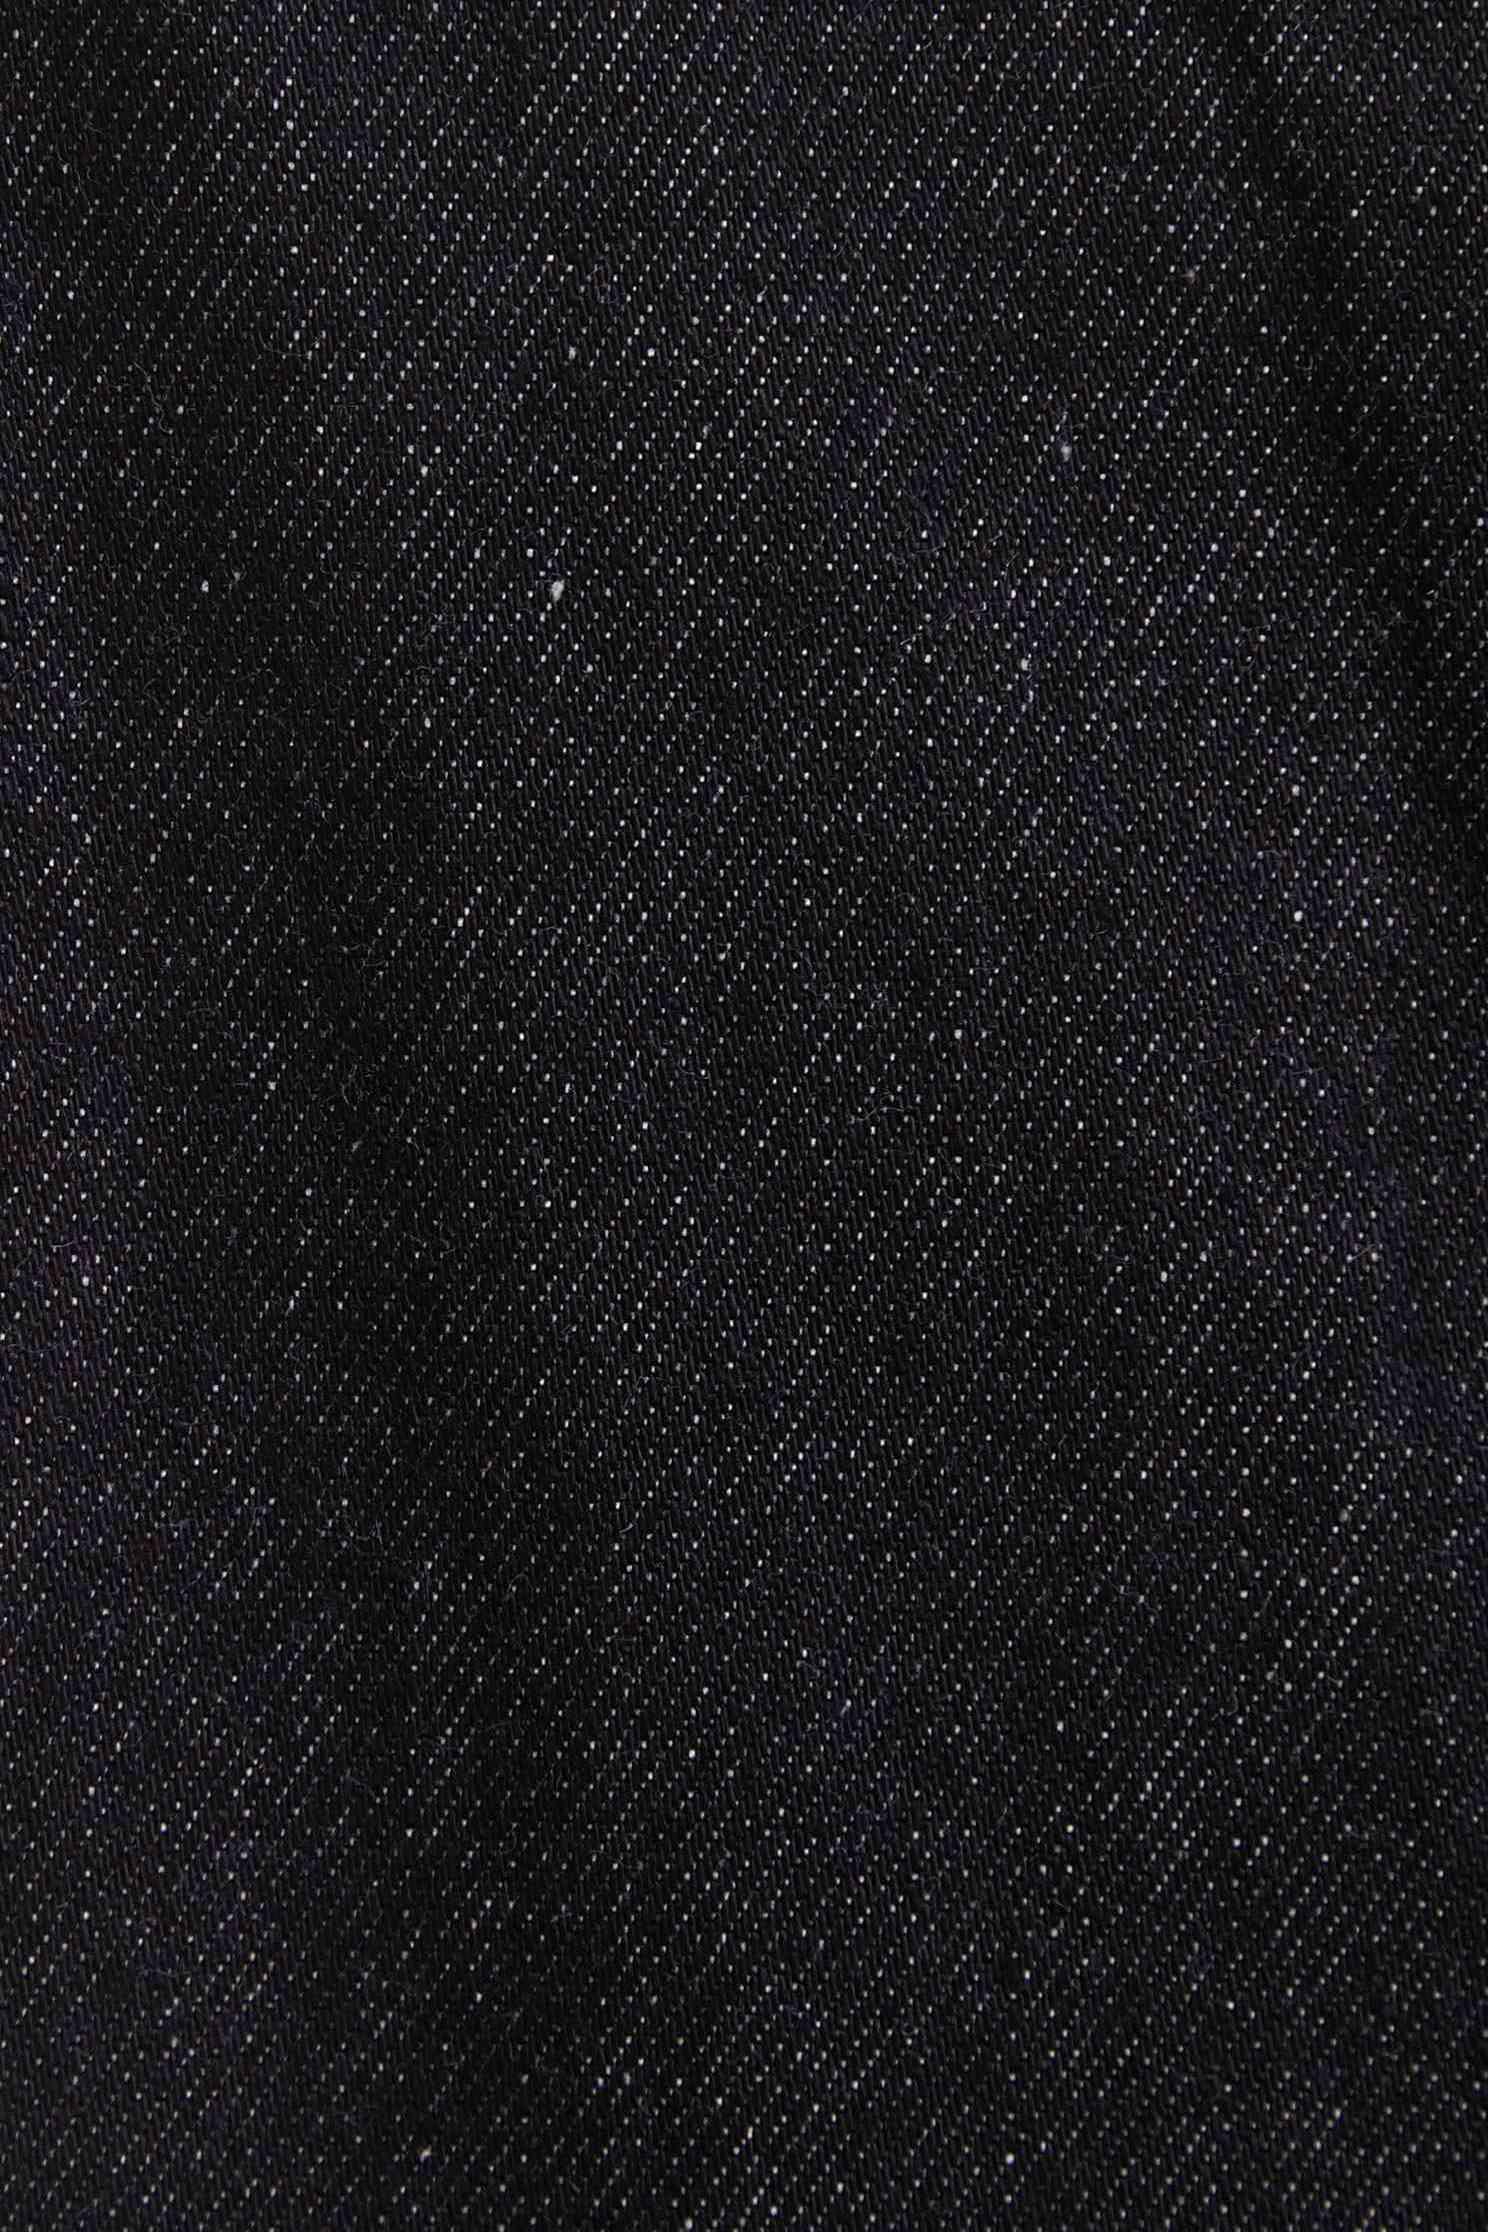 簡約俐落修身牛仔寬長褲,丹寧,牛仔,牛仔褲,牛仔長褲,秋冬穿搭,褲子,長褲,顯瘦寬褲,黑色牛仔褲,黑色長褲